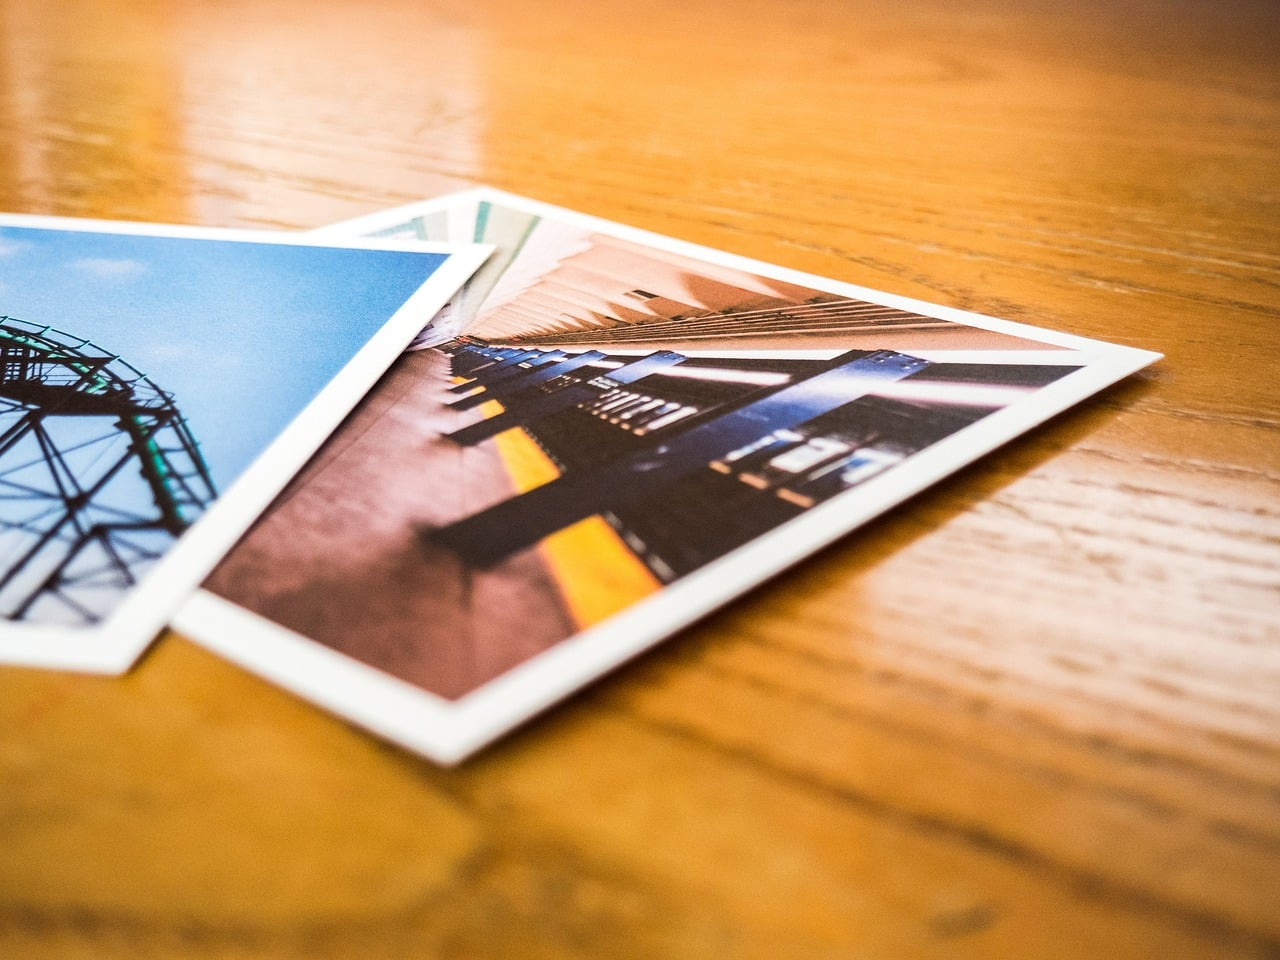 pictures 2618641 1280 - แชร์ไอเดีย 5 งานพิมพ์ที่มอบเป็นของขวัญให้แฟนช่วงวันวาเลนไทน์ ปี 2563 ได้